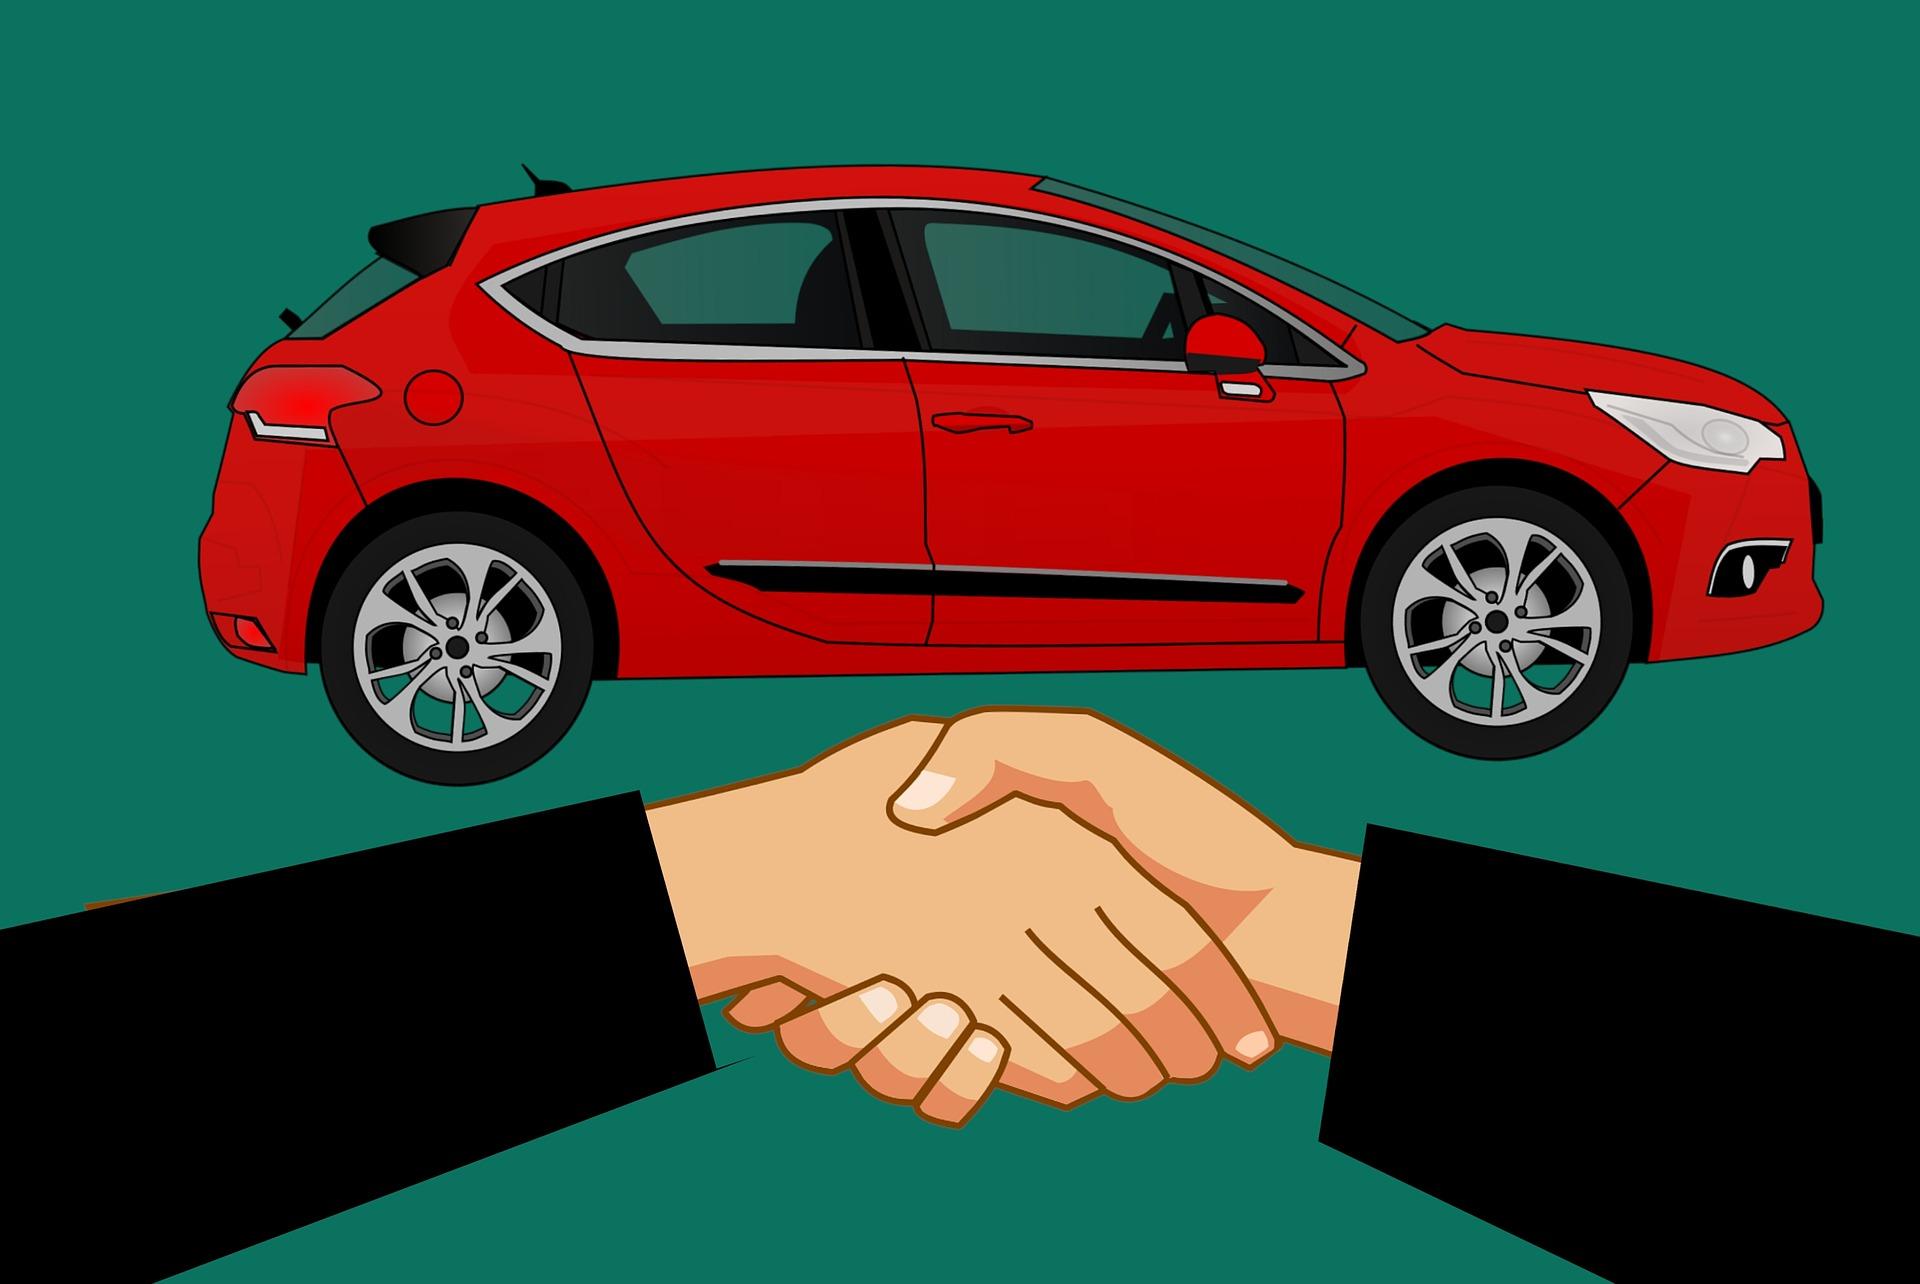 Jak wybrać dobrą wypożyczalnię samochodów?